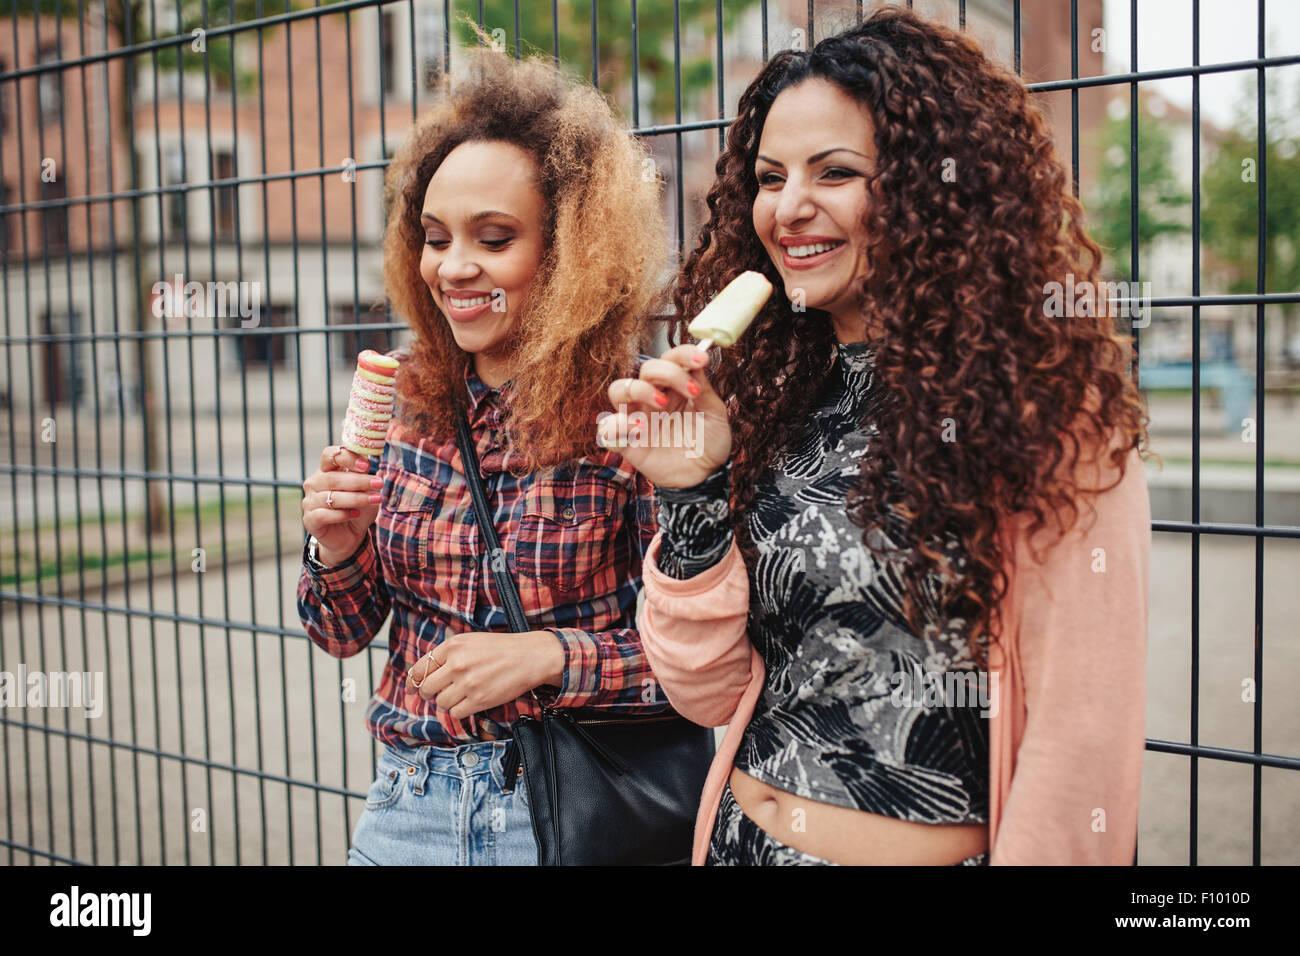 Alegres jóvenes comer helado de caramelo. Dos jóvenes mujeres de pie contra una valla, sonriente, al aire Imagen De Stock